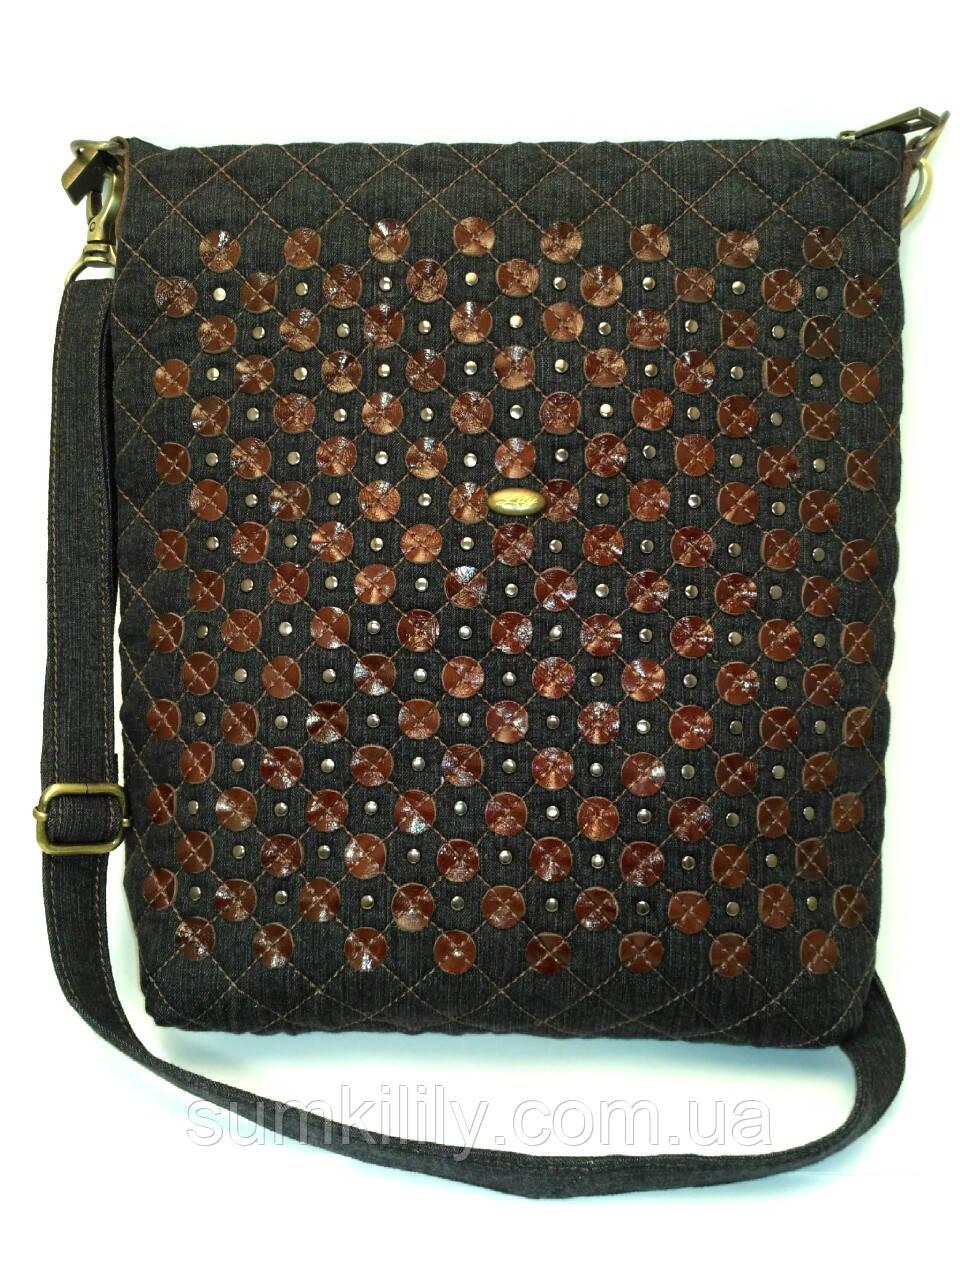 Женская джинсовая сумочка Анжела